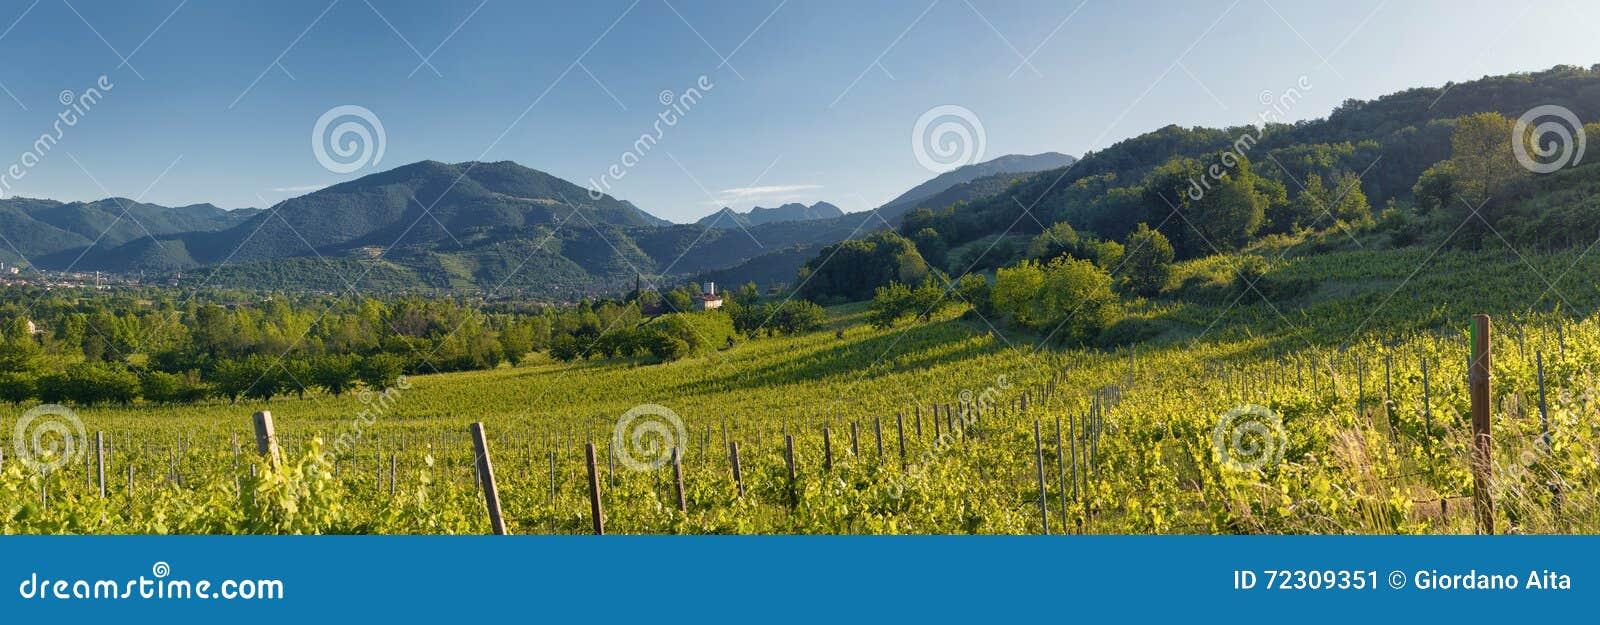 Λόφοι και wineyards